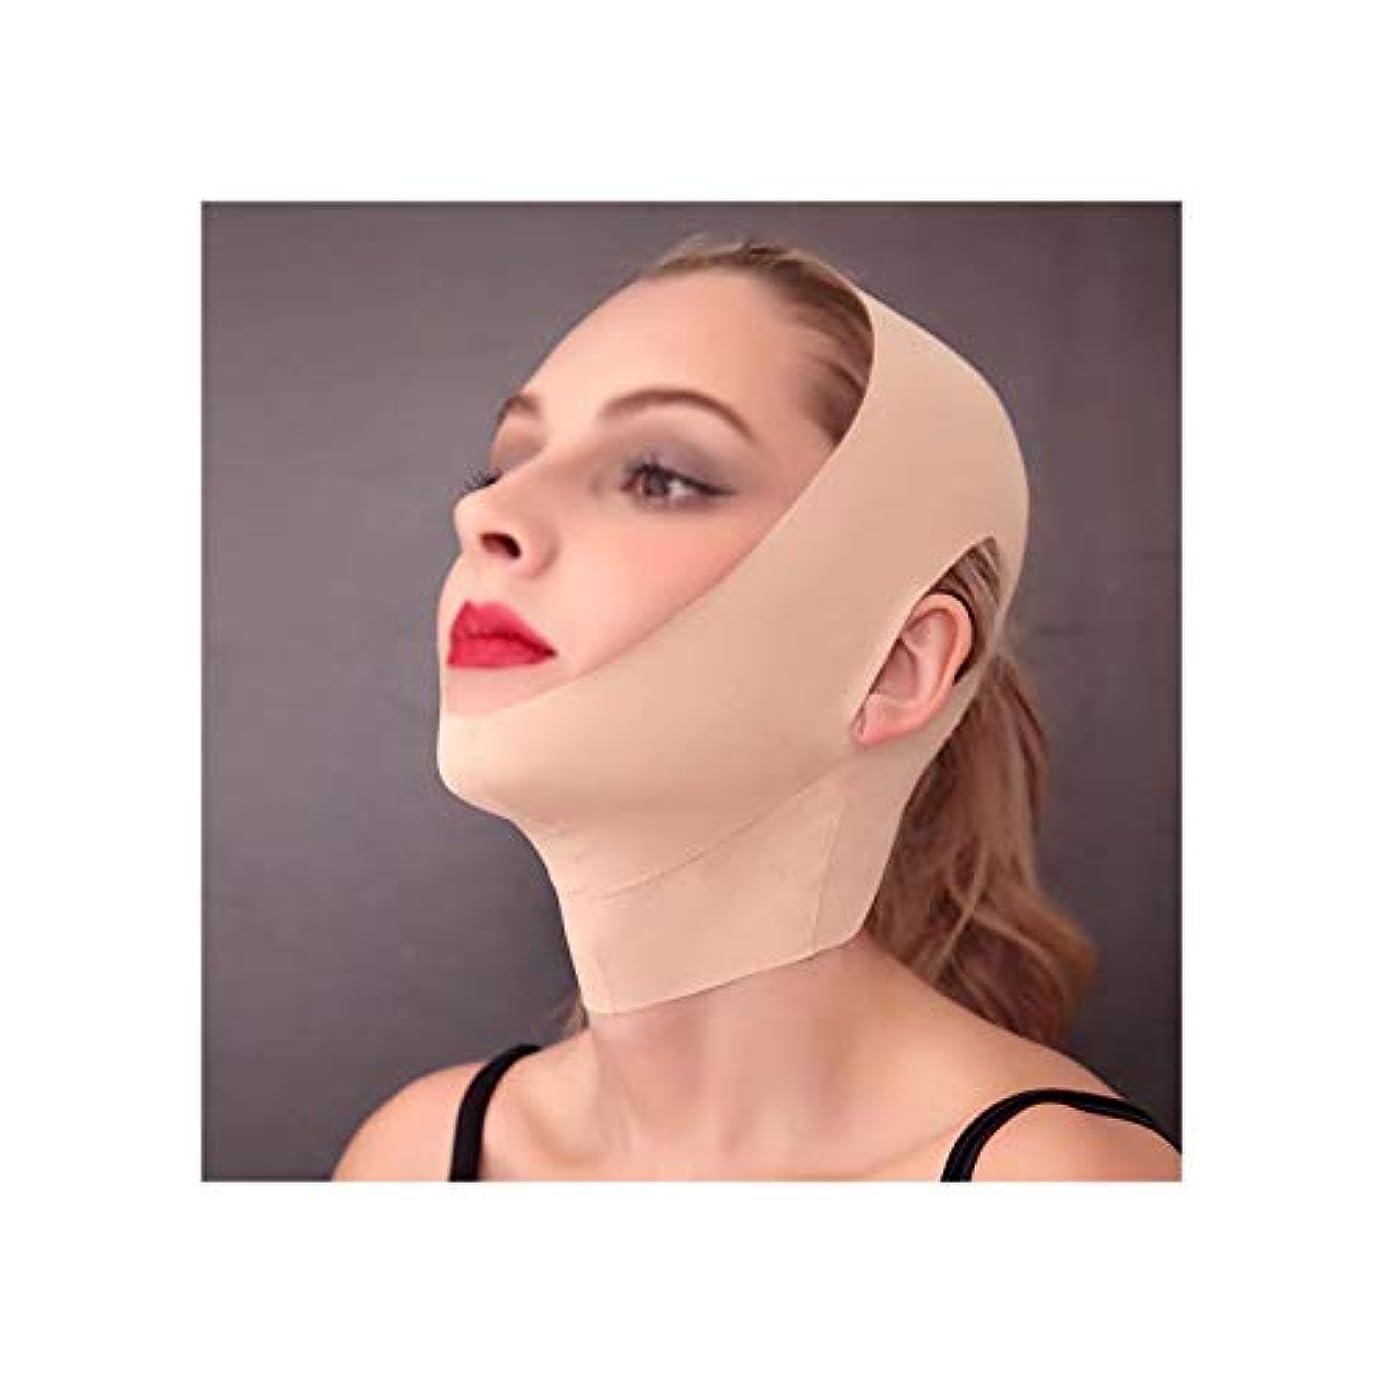 リベラル限られた歪めるフェイシャルマスク、フェイスリフティングアーティファクト女性の男性の睡眠の顔Vフェイス包帯マスクリフティングフェイス修正引き締め顔に二重あご痩身ベルト